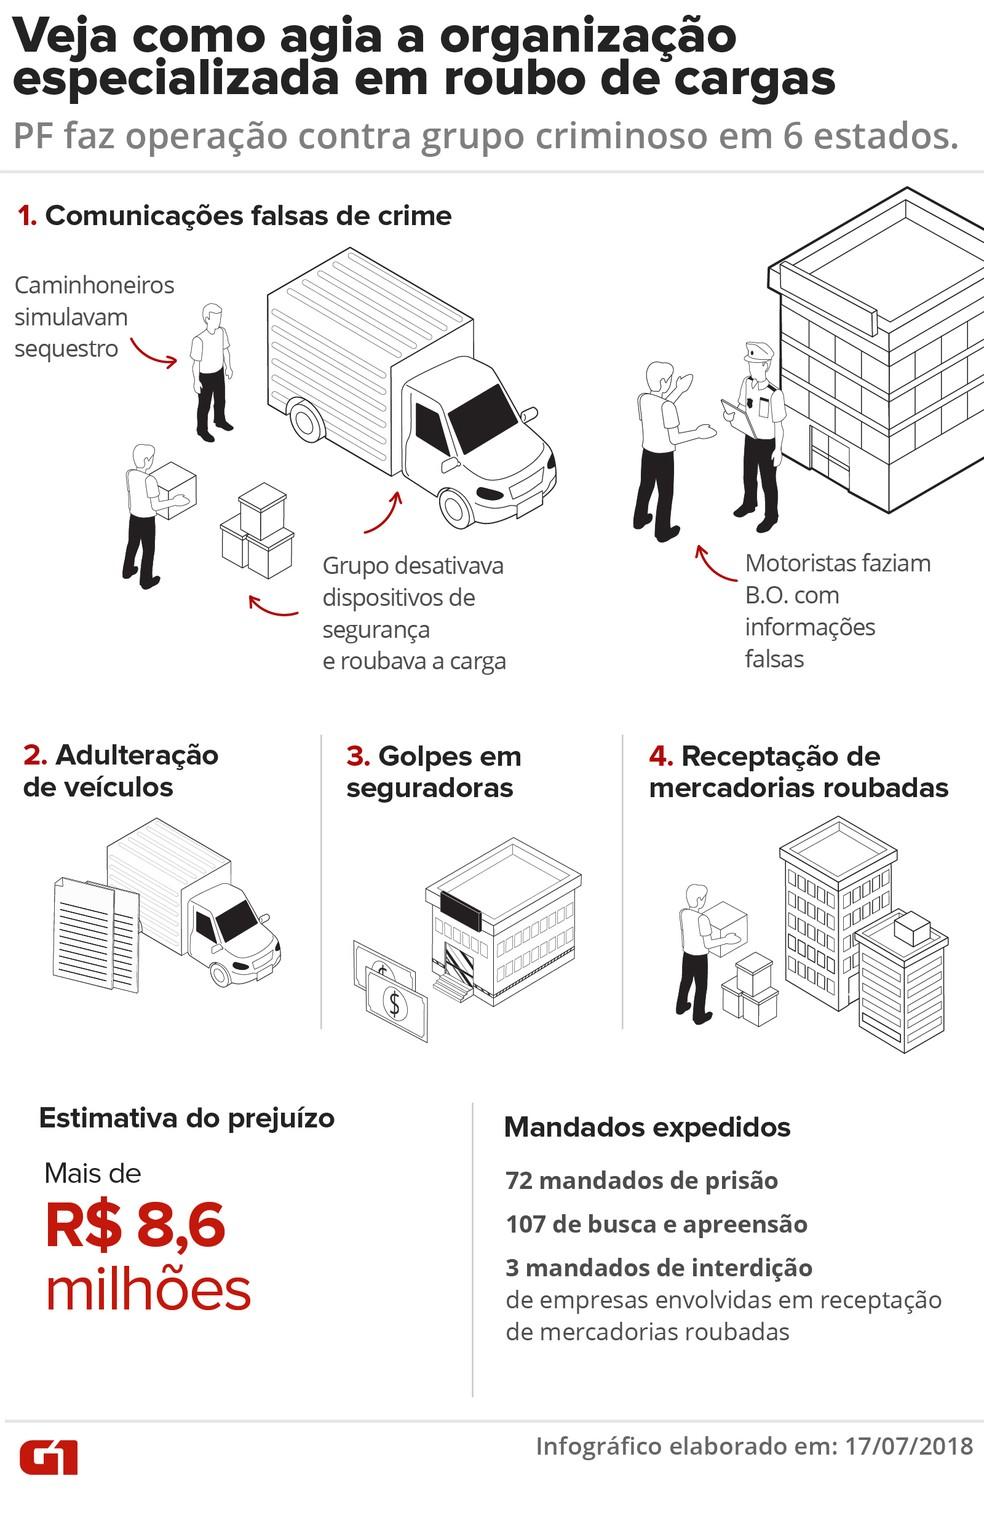 Arte - Veja como agia a organização especializada em roubo de cargas (Foto: Infografia: Karina Almeida/G1)